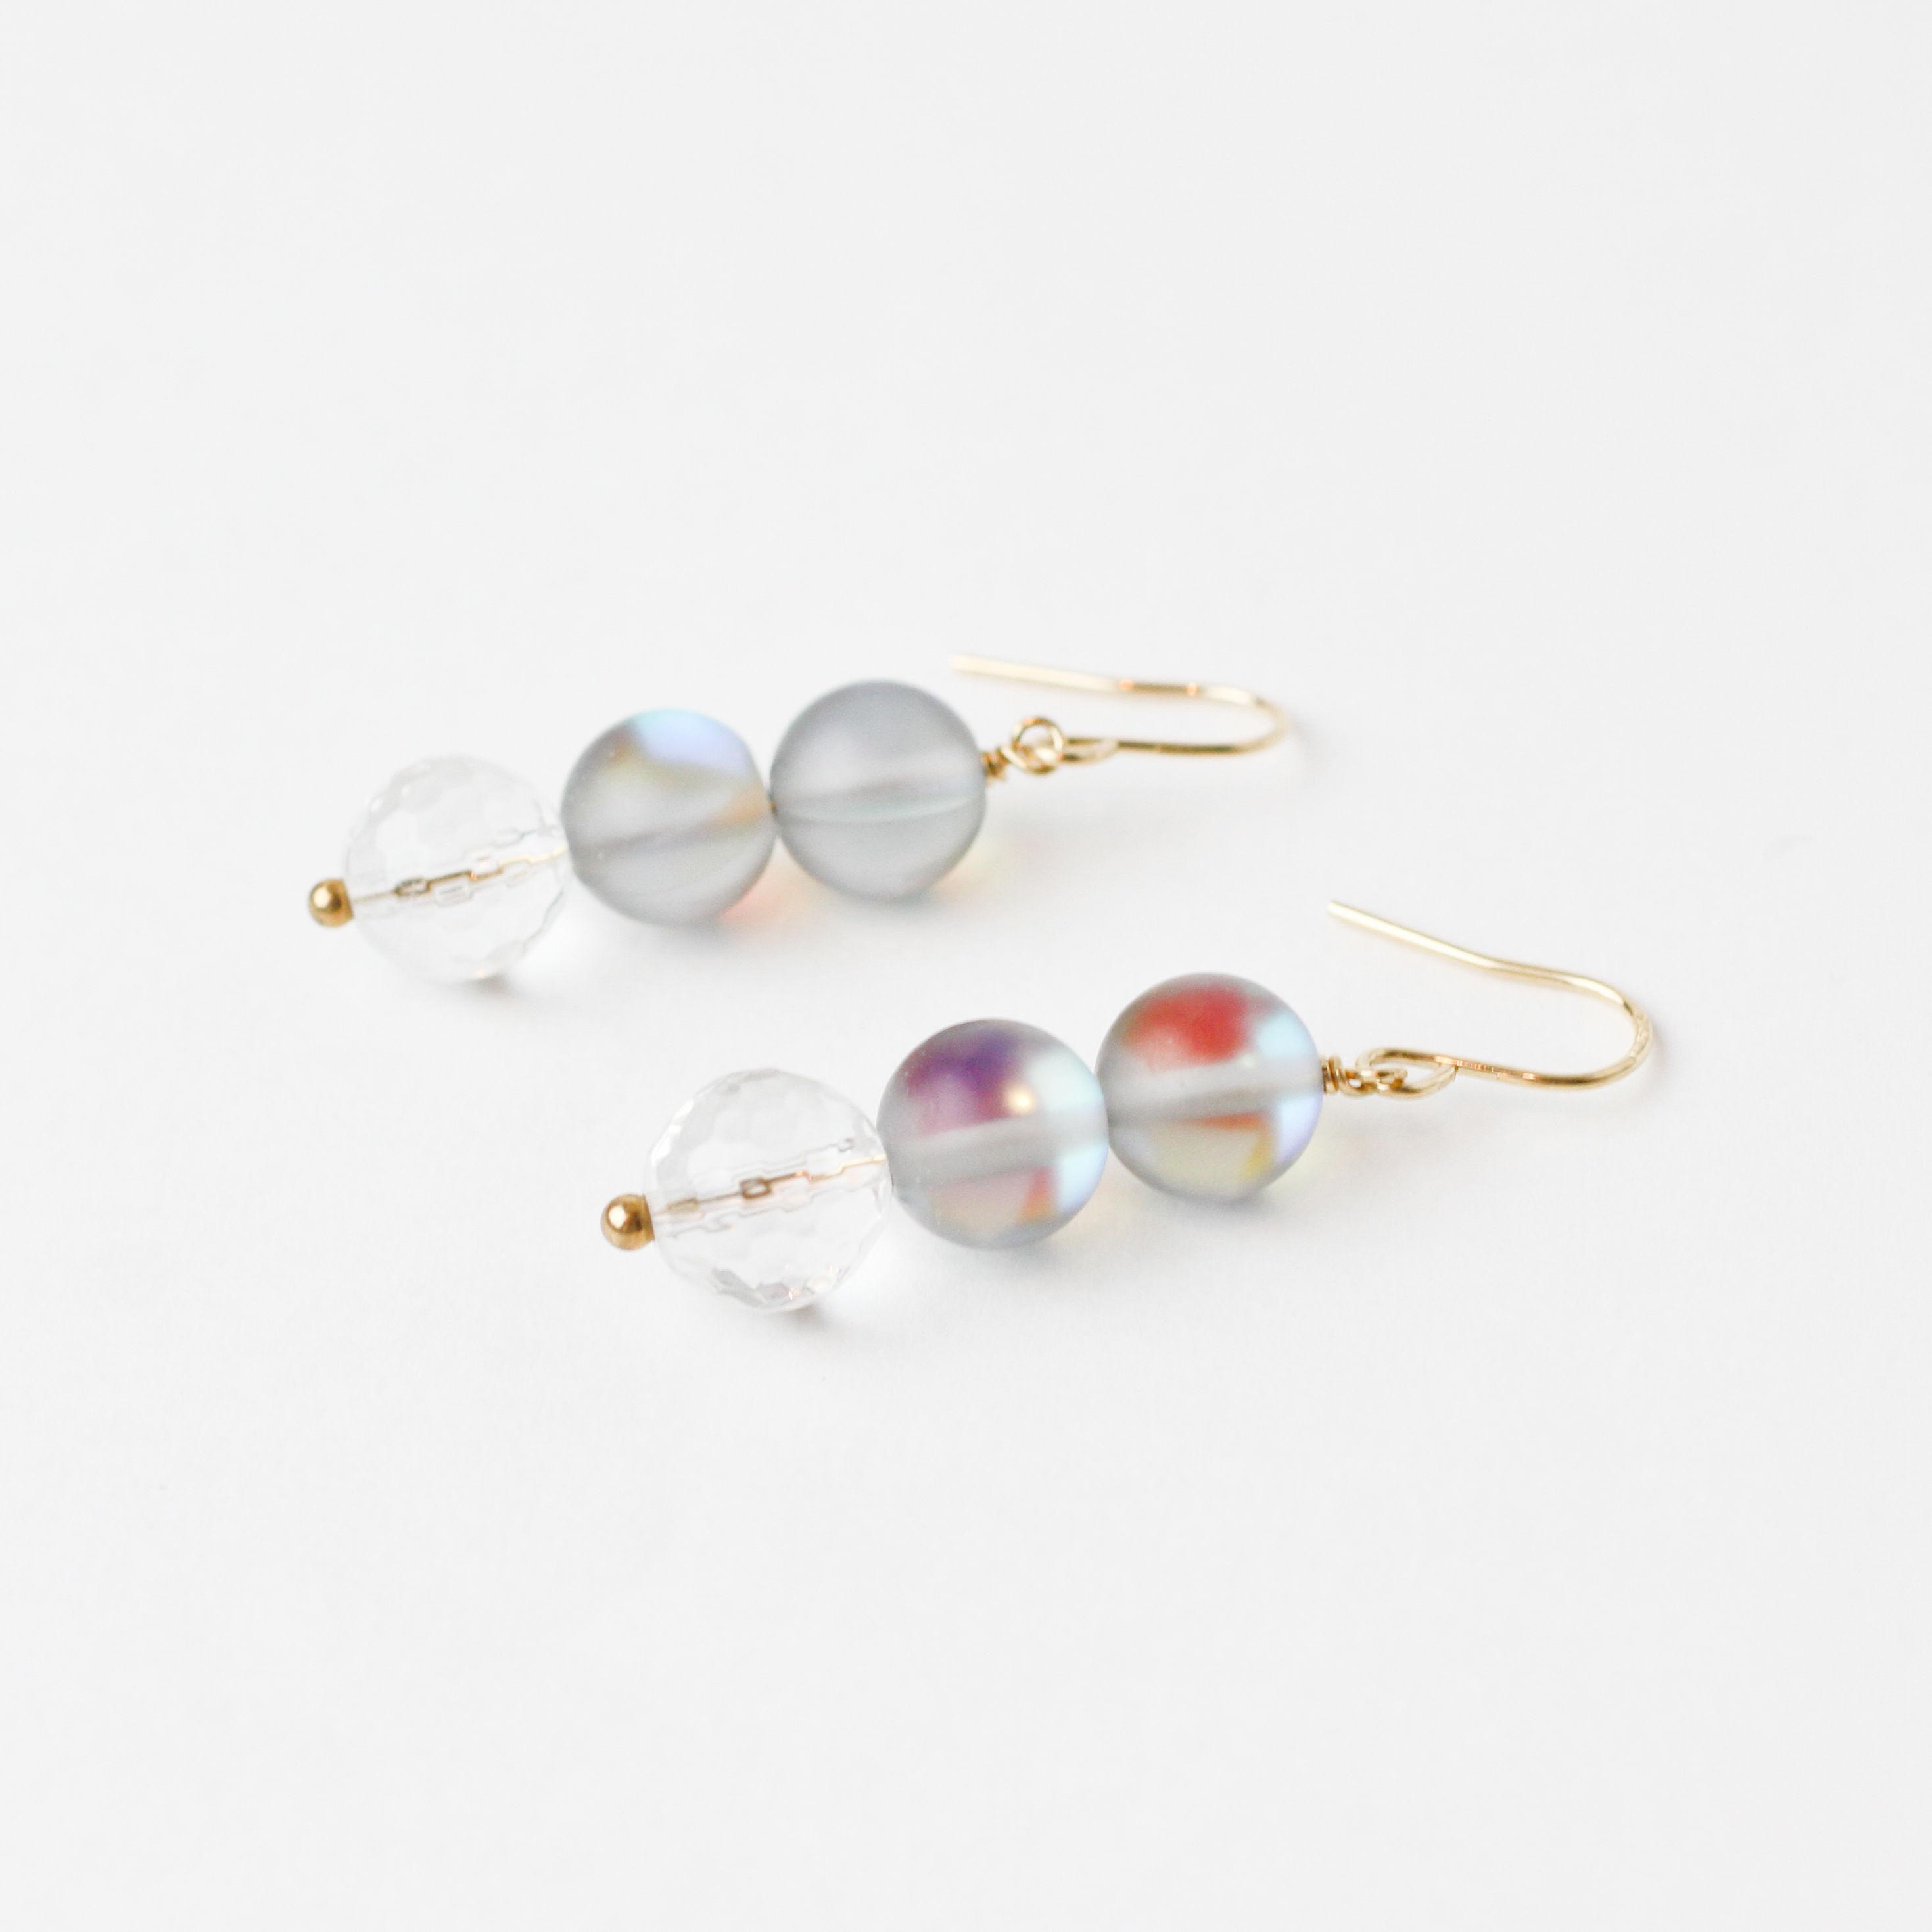 Luna flash×Crystal pierce / earring (mn-pi-089-b)